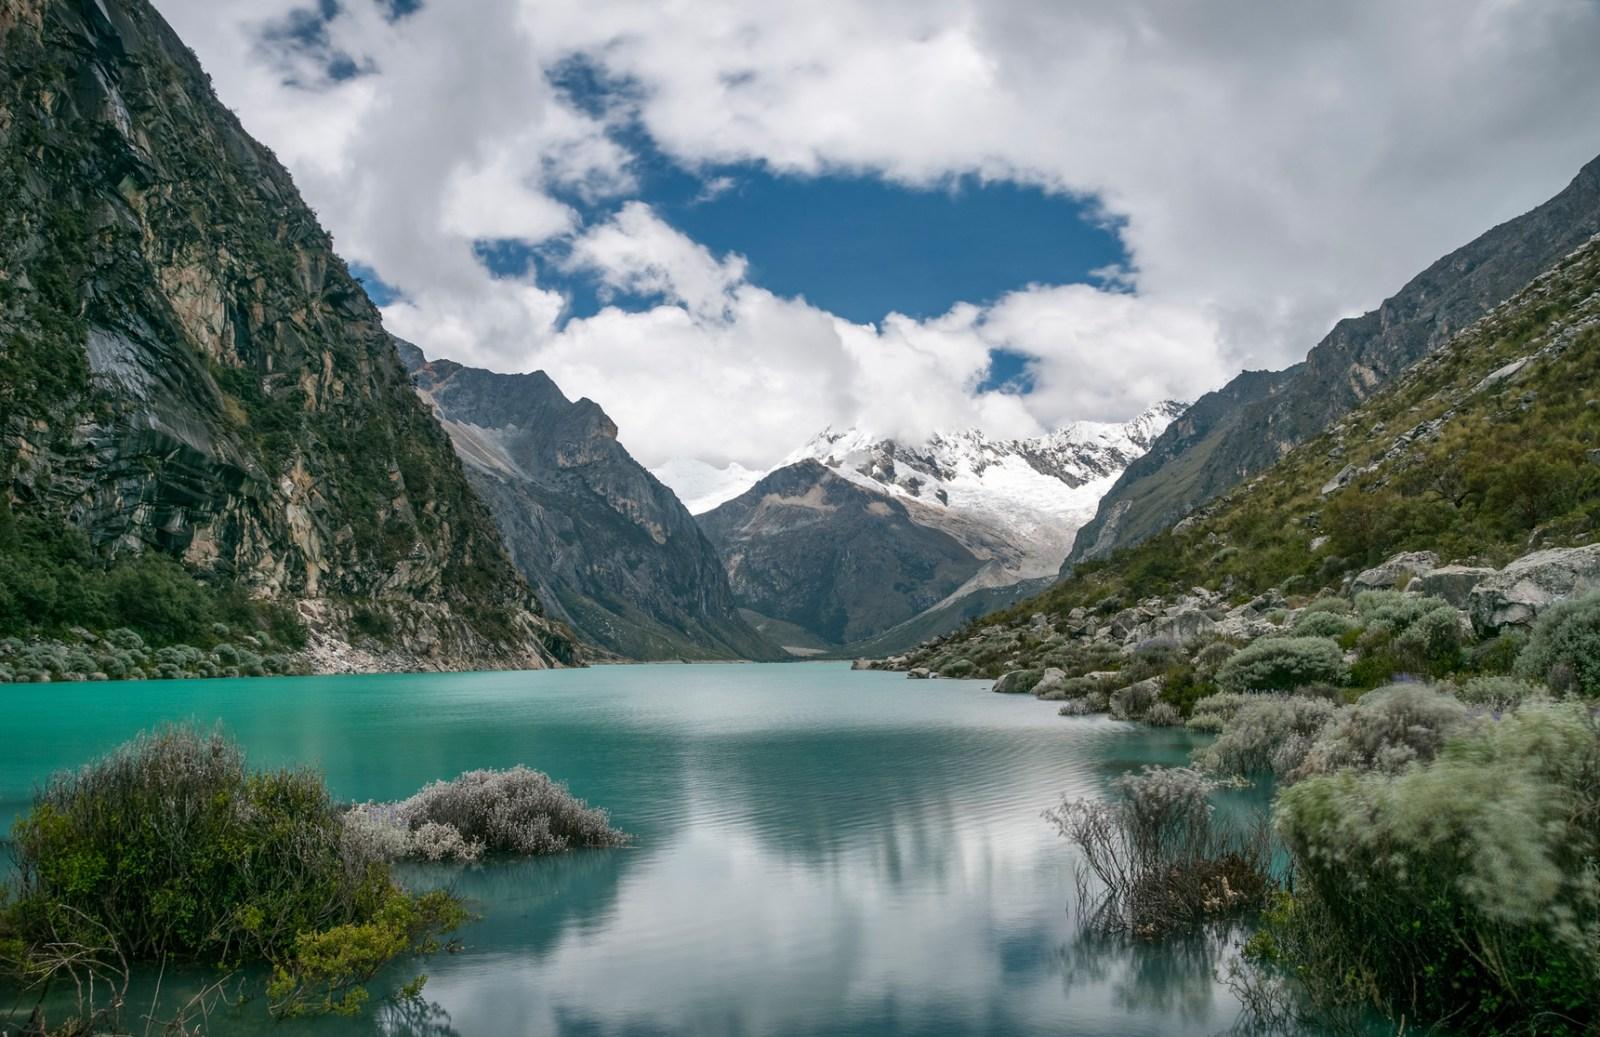 Laguna Paron And Piramide Peak In The Peruvian Andes